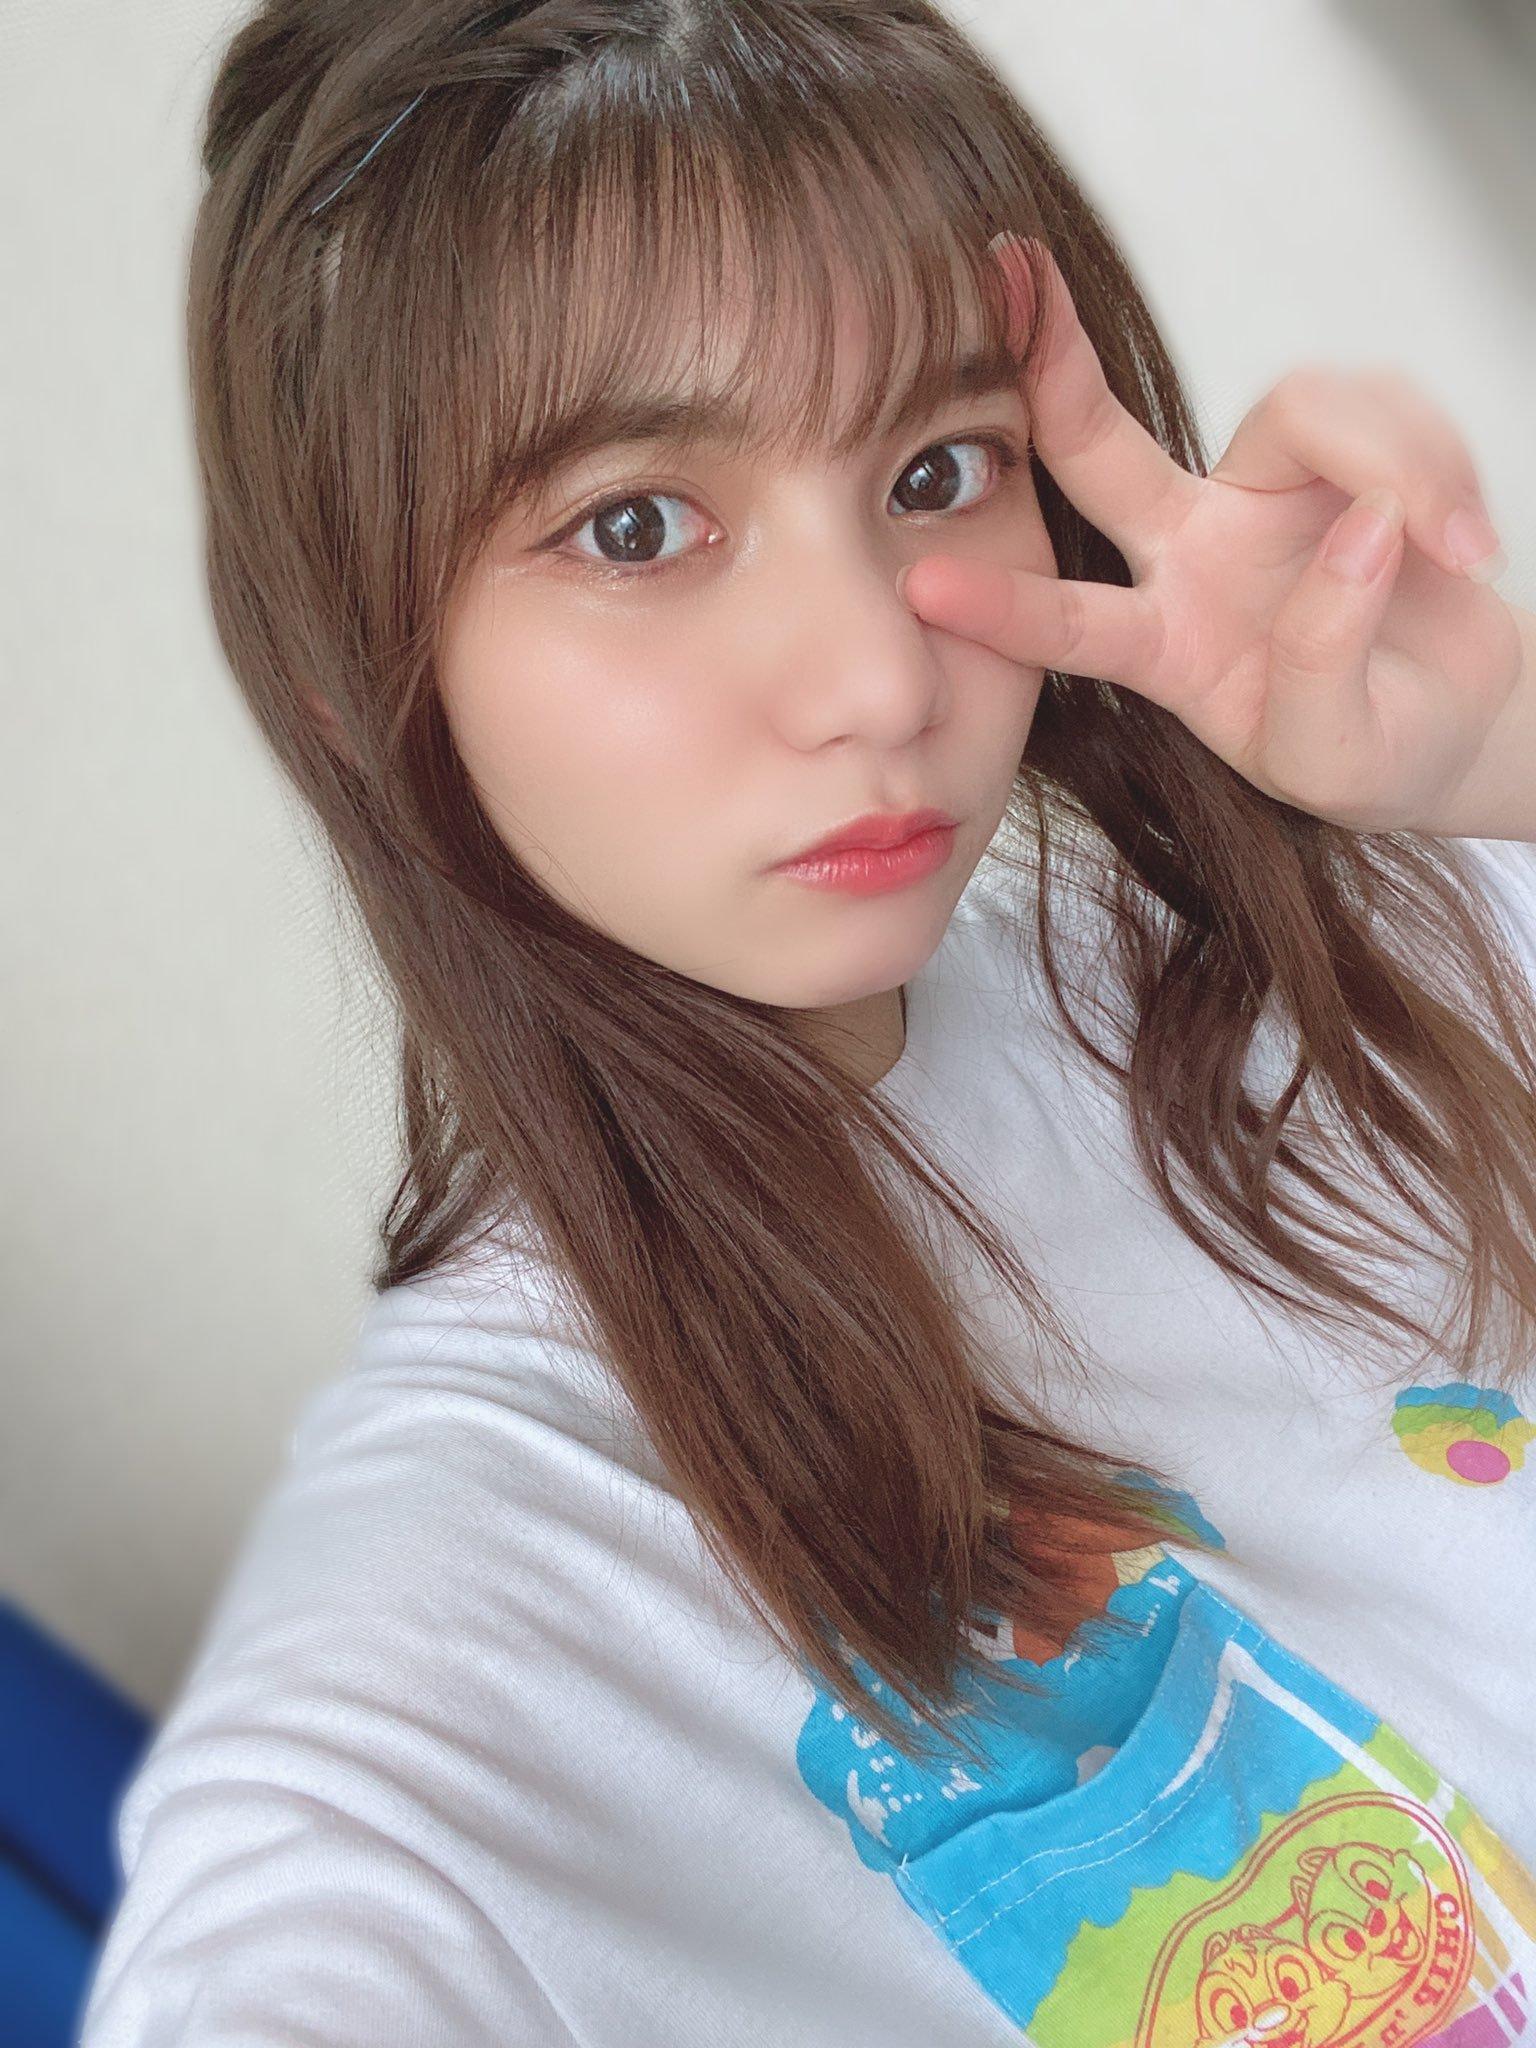 pon_chan216 1274625491811491840_p0